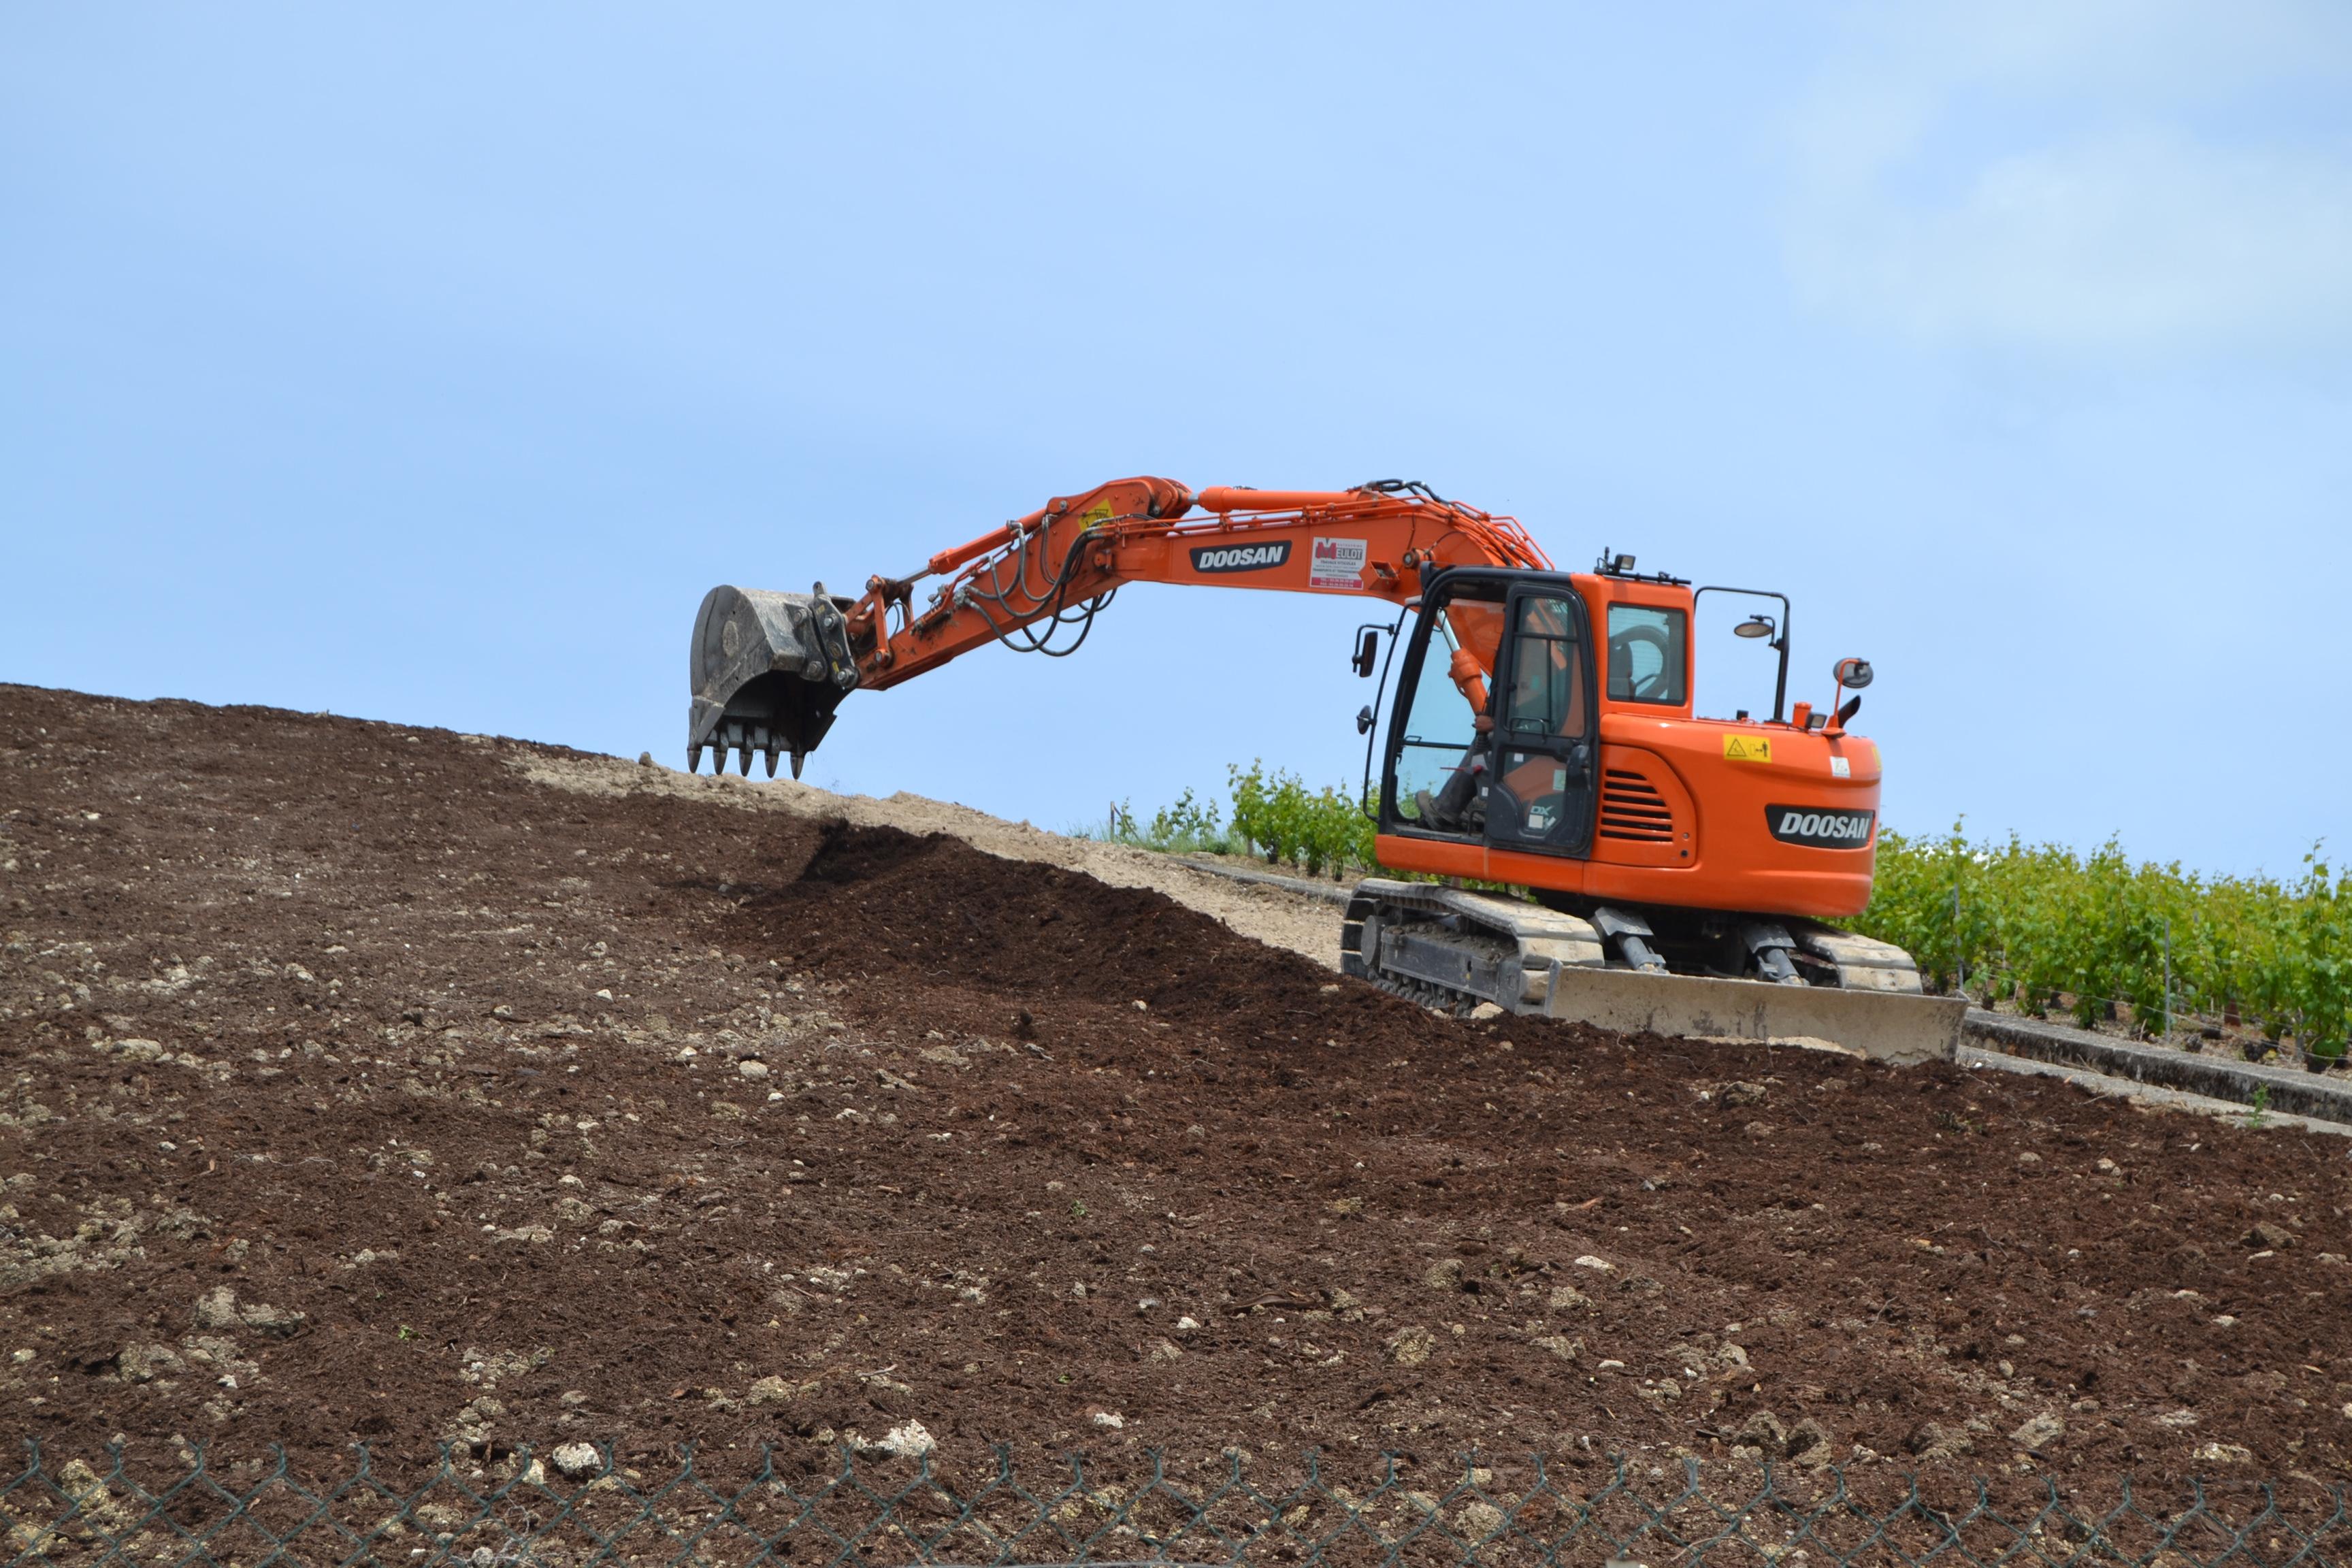 Aménagement du terrain à vigne avant plantation, Sarl Meulot, Fèrebrianges, Marne, 51